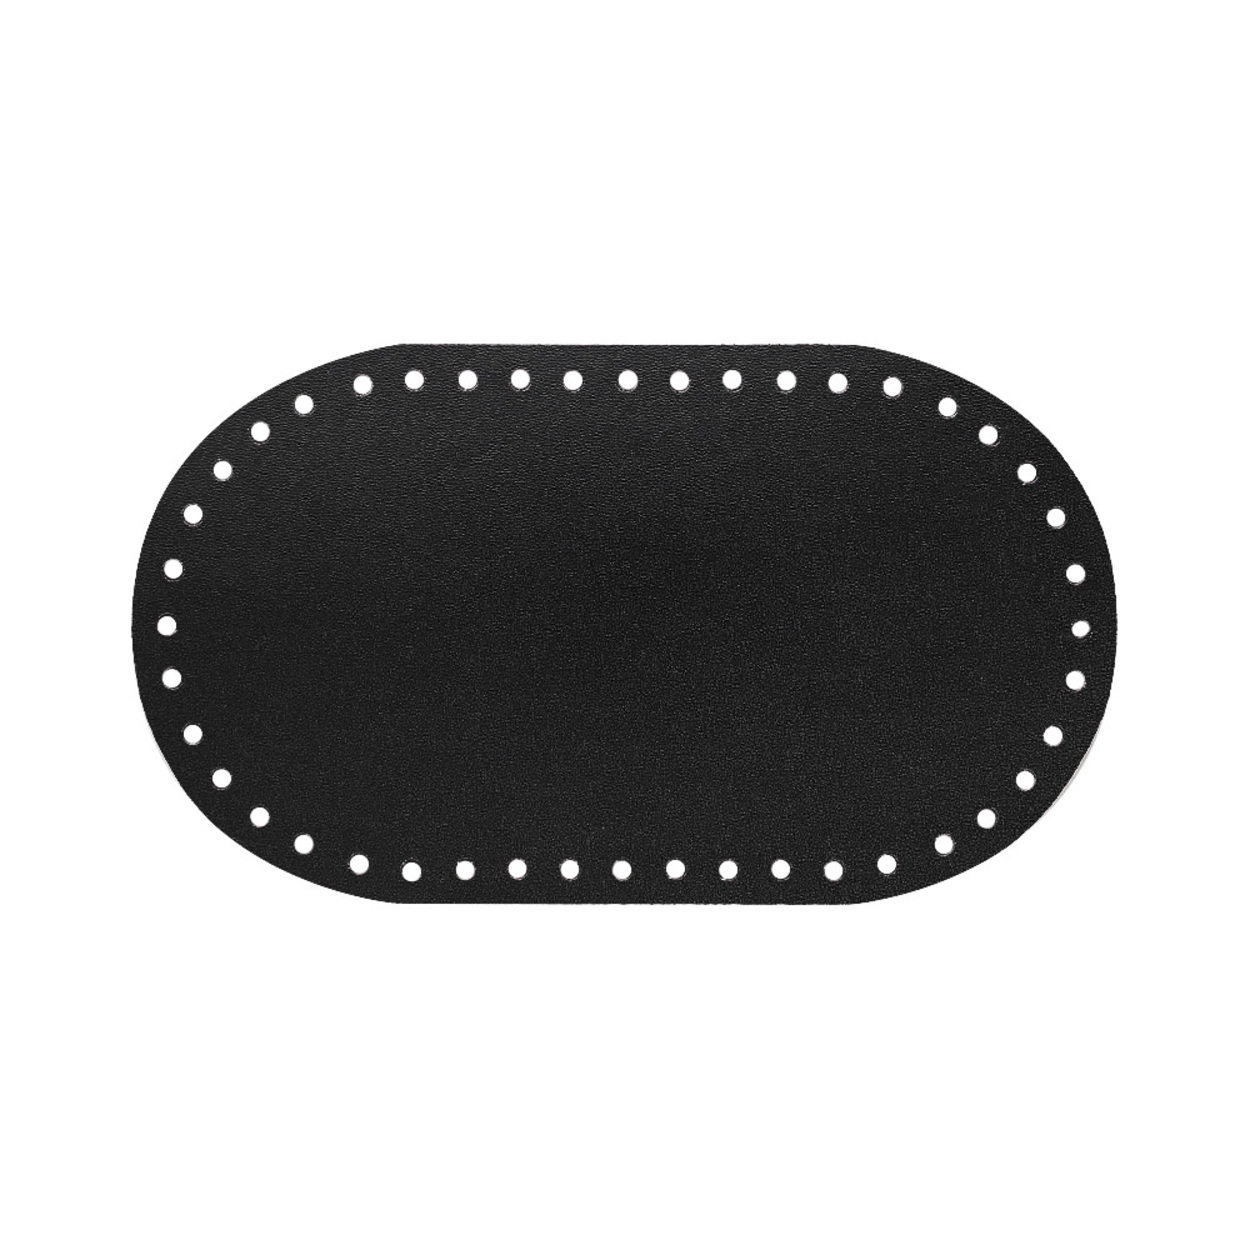 Кожа - Дно для сумки 12 х 21 см. Royal black